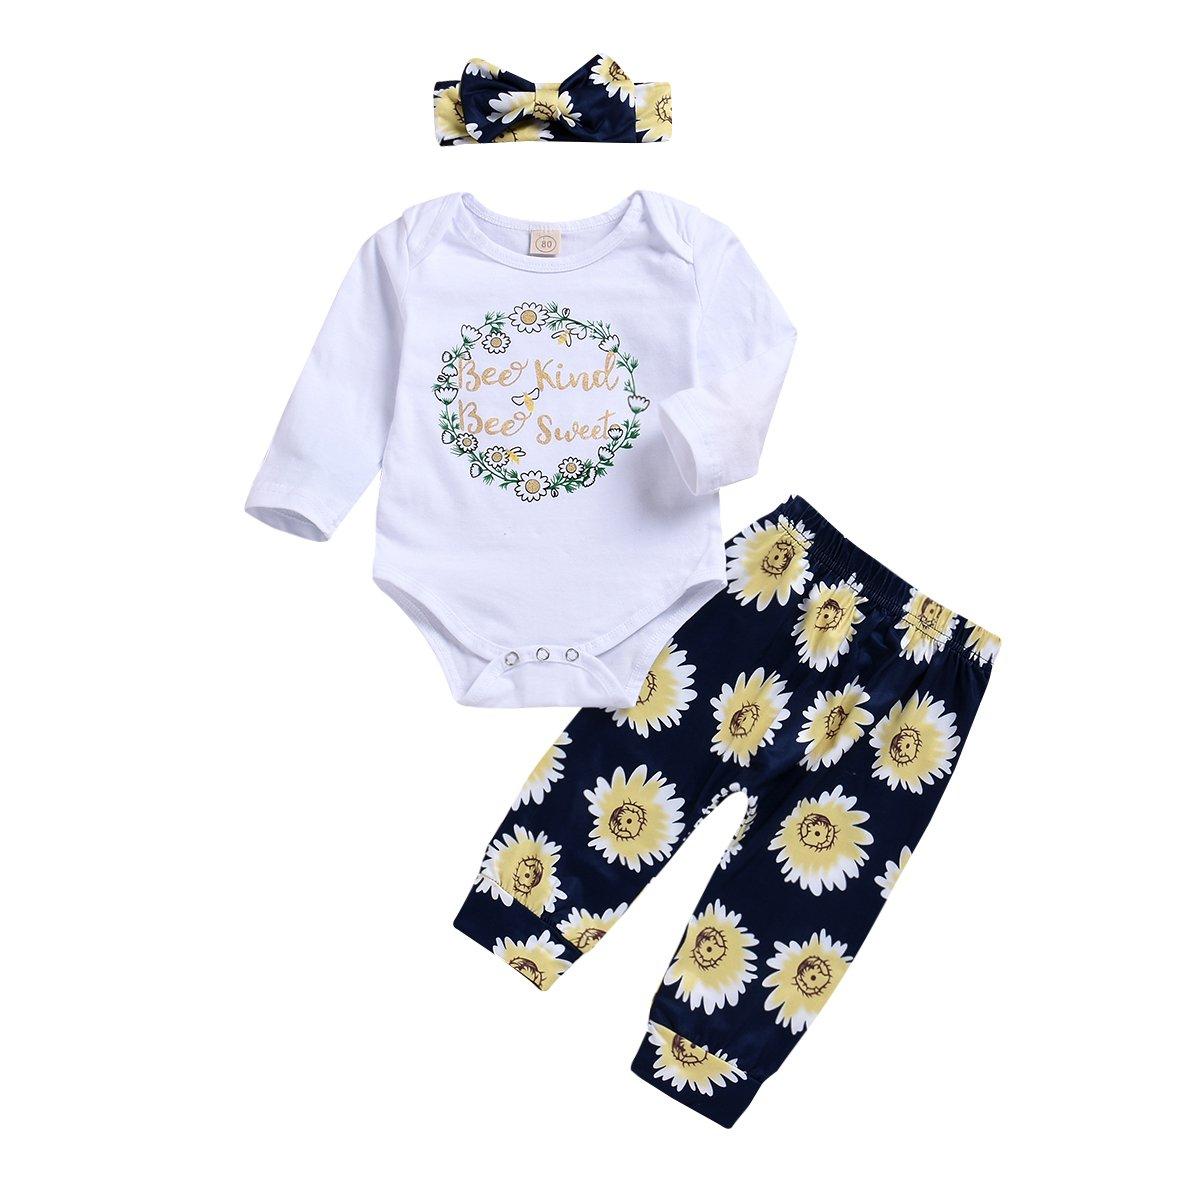 本物品質の BELS PANTS PANTS ベビーガールズ BELS 12-18m(90) ホワイト2 ホワイト2 B07F8VRH41, 高級靴 Discount Shop precious:2da57188 --- a0267596.xsph.ru